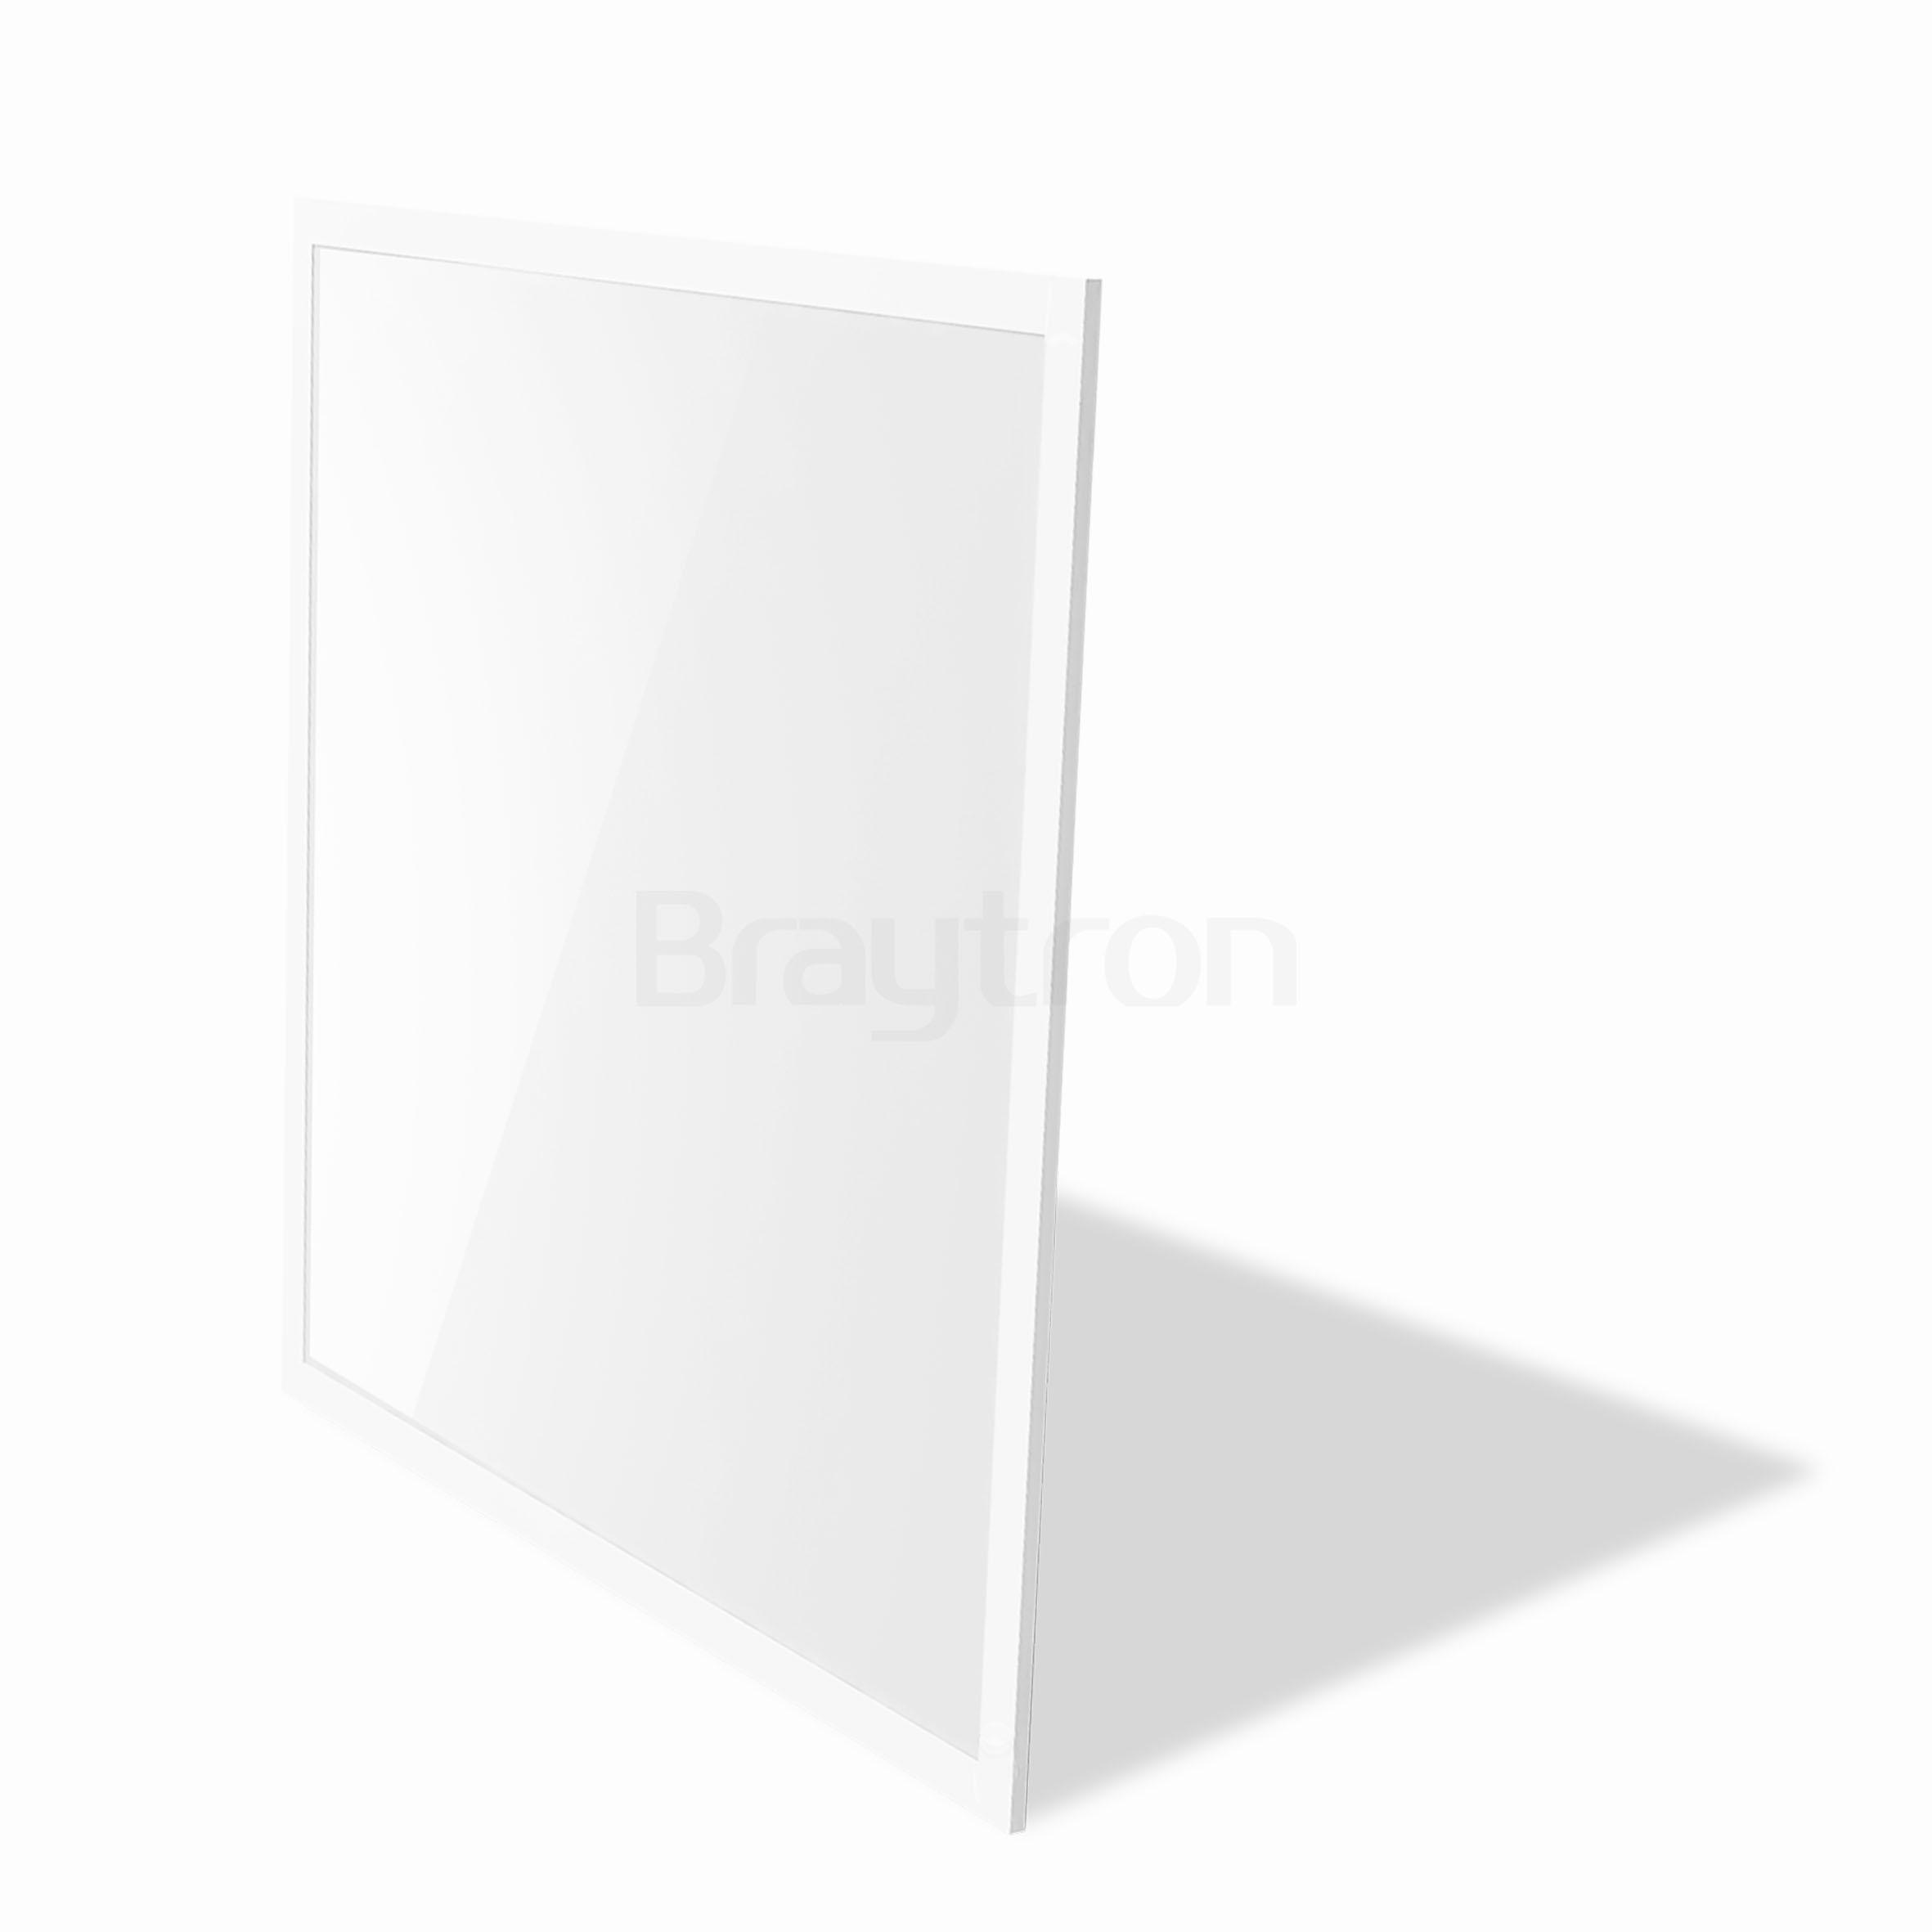 50w 60x60 Ledli Panel